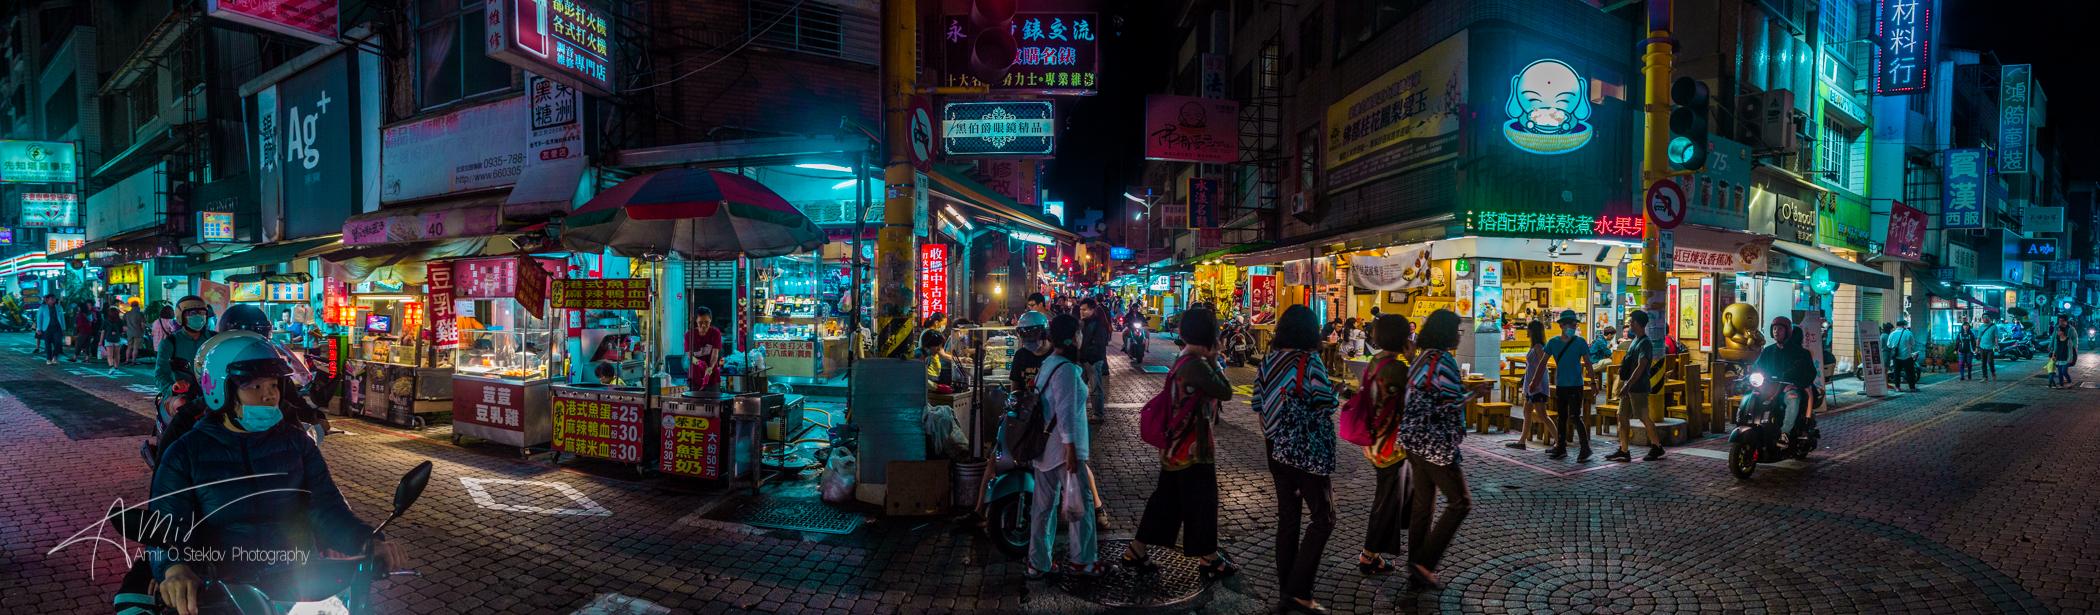 Tainan at Night